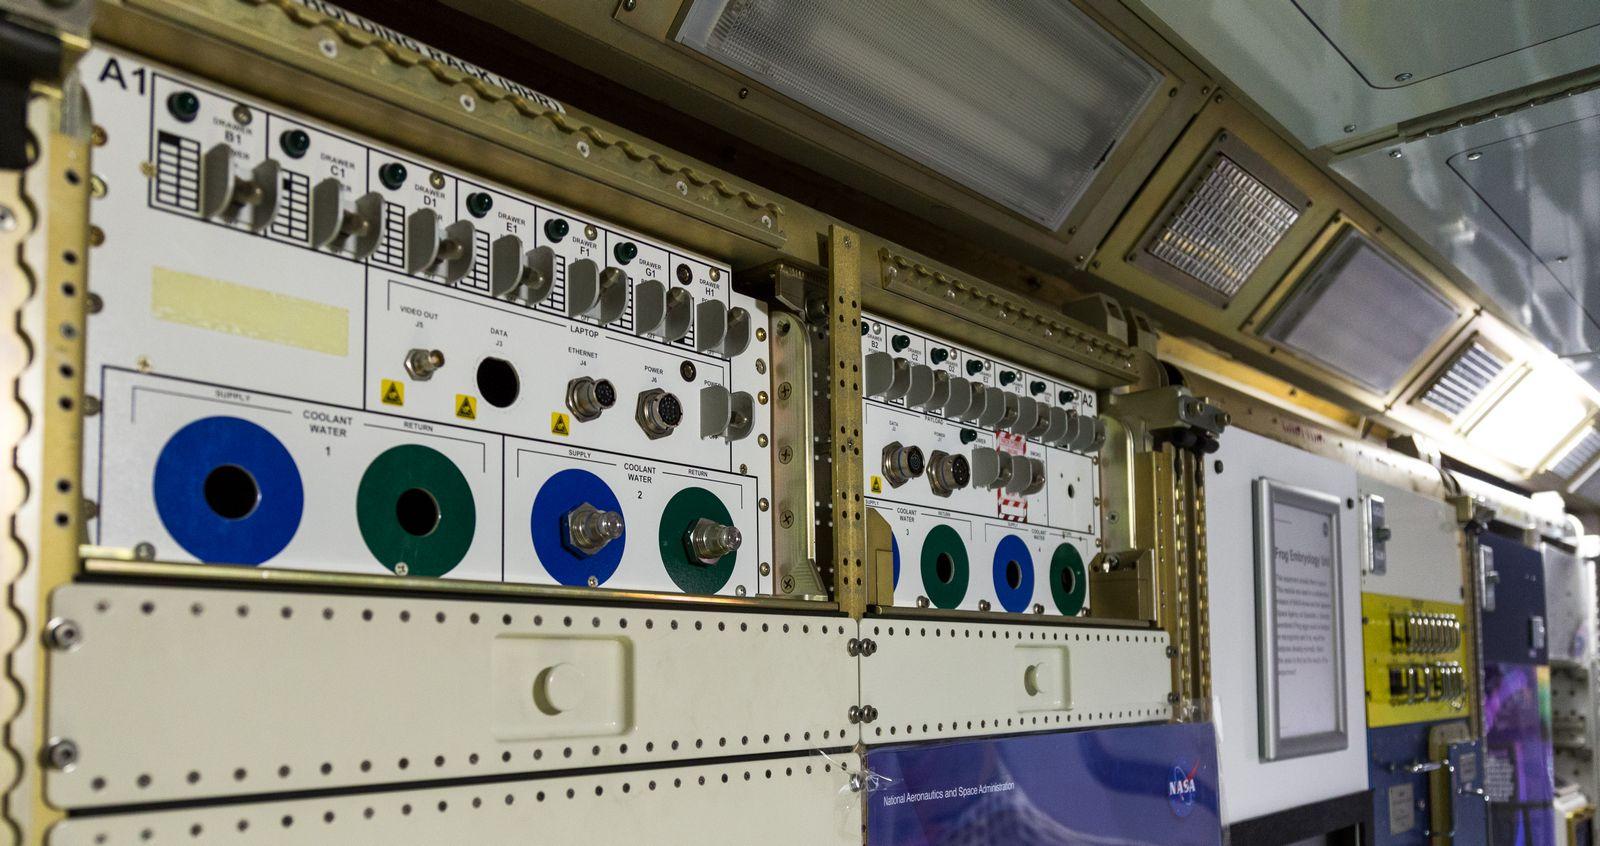 Botones y válvulas por todas partes